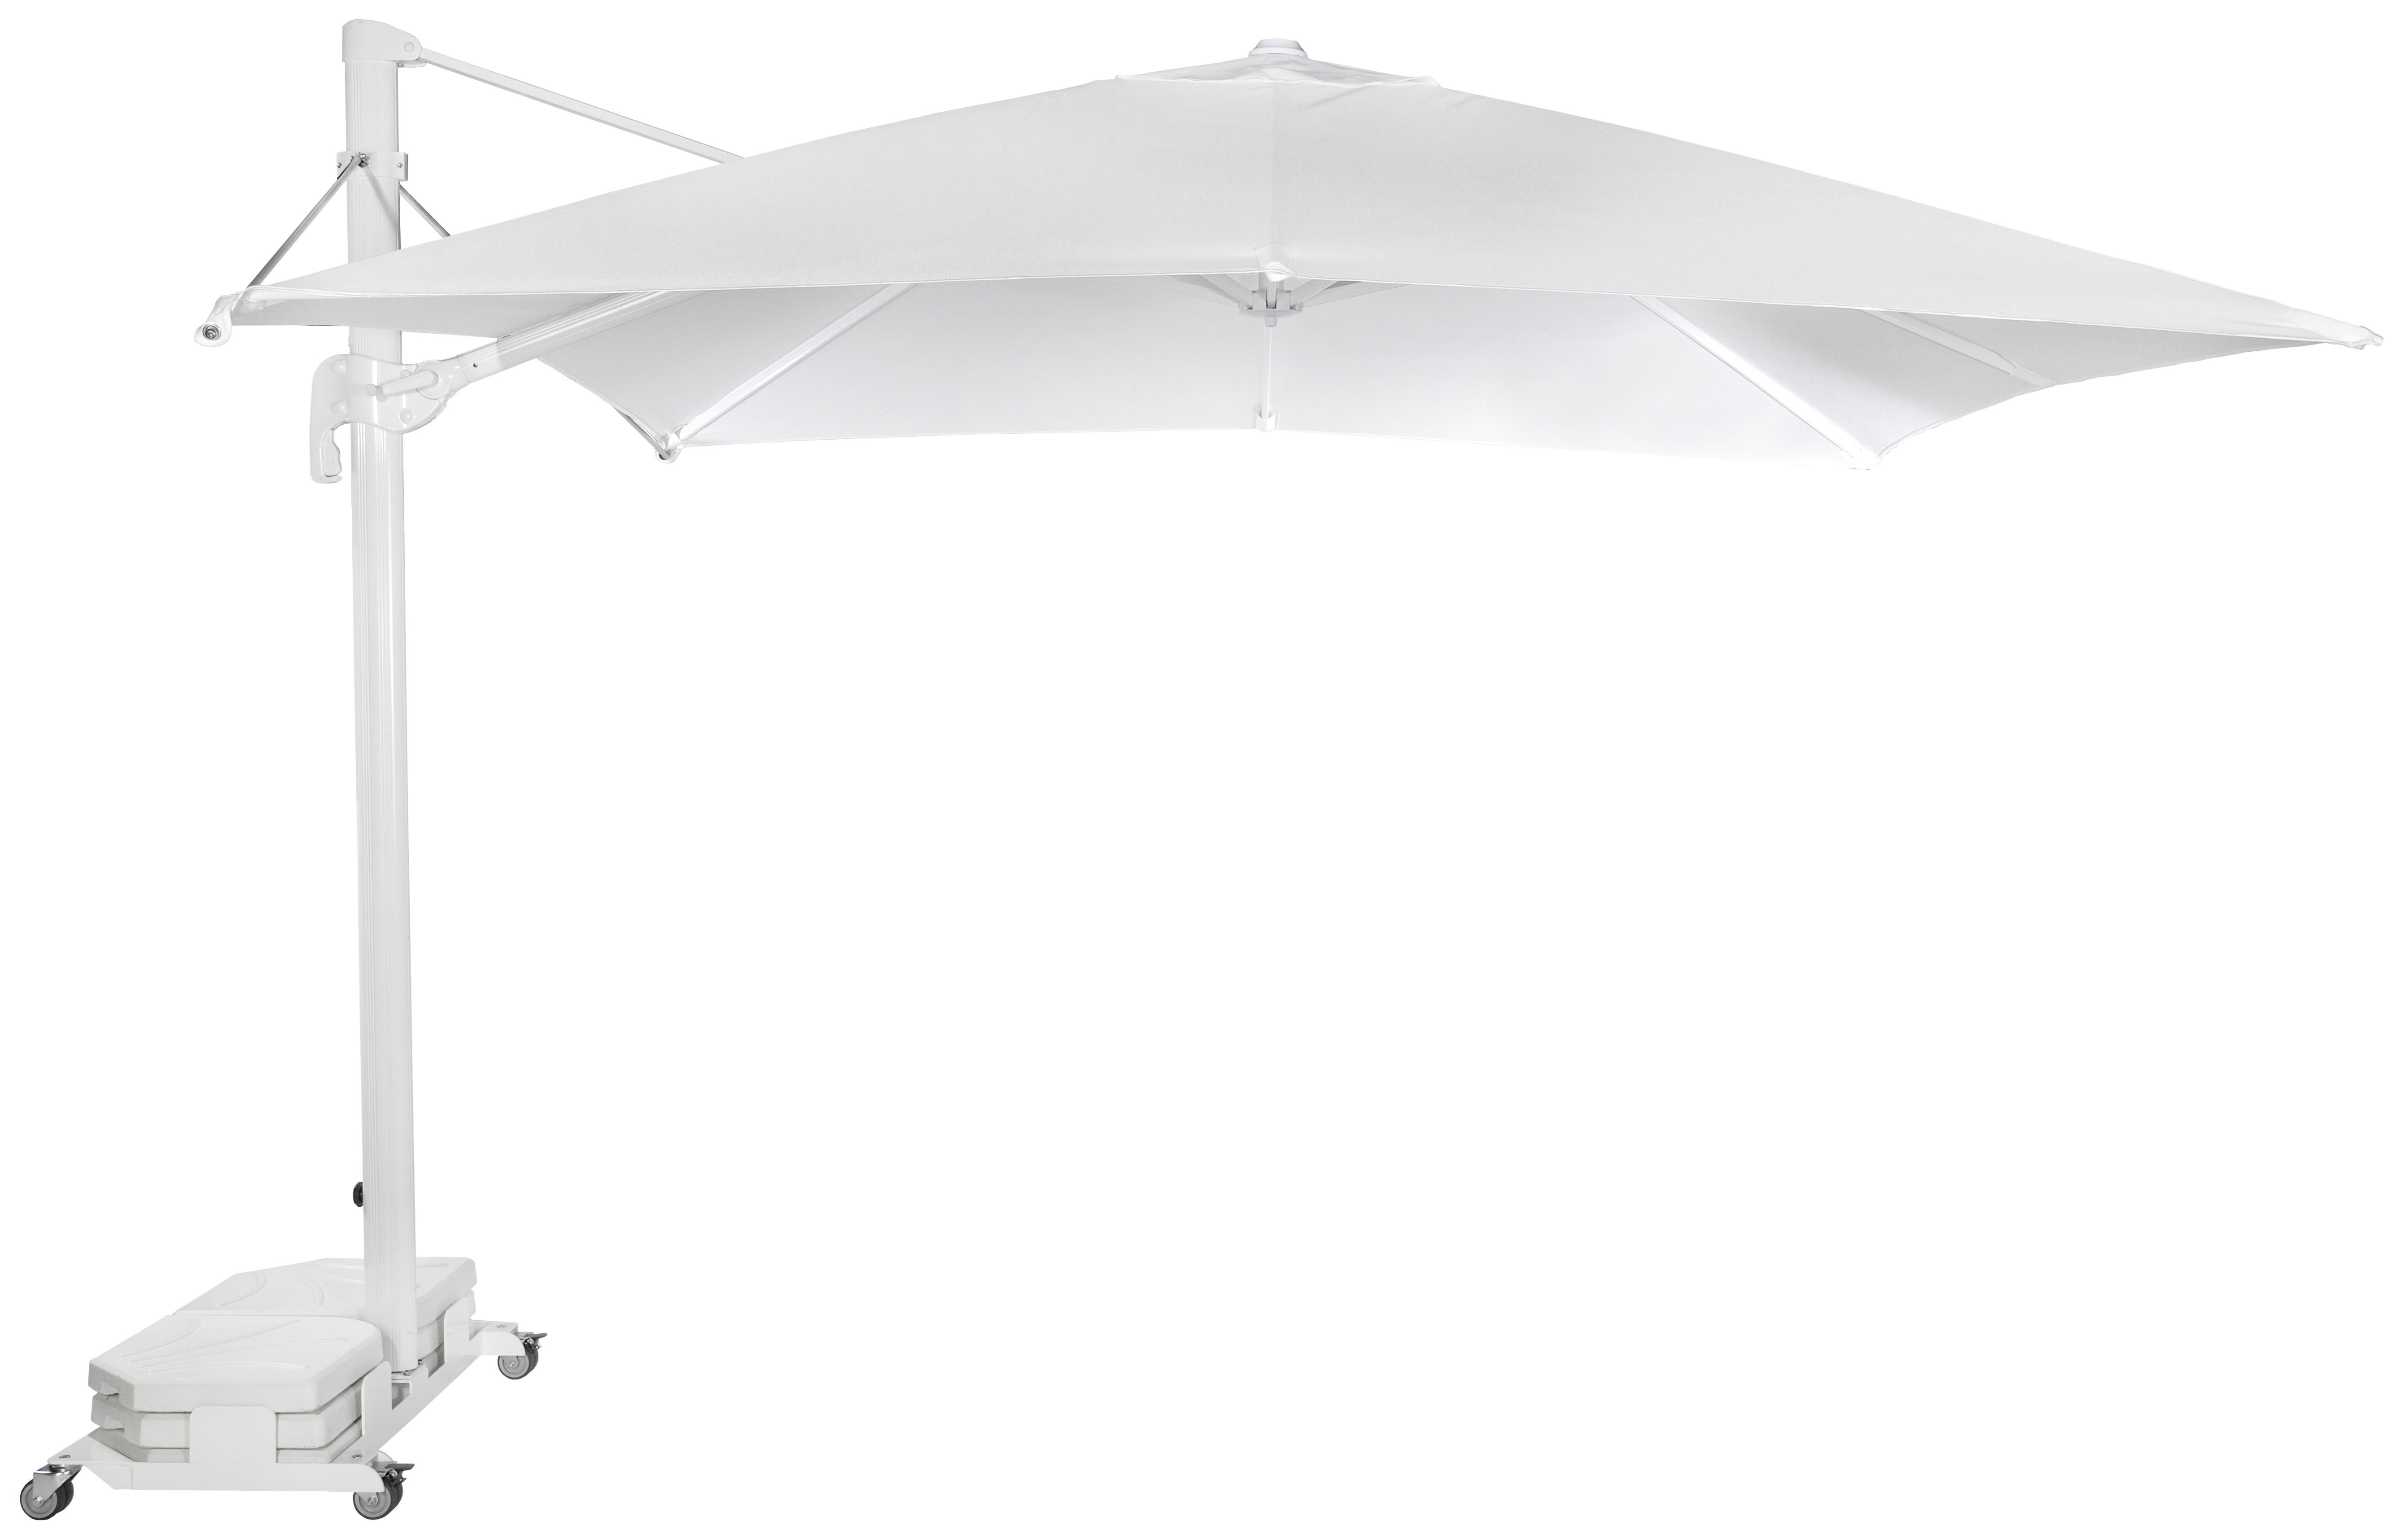 Parasol Ezpeleta Cuadrados White 2 Blancos white Olefin 3X3